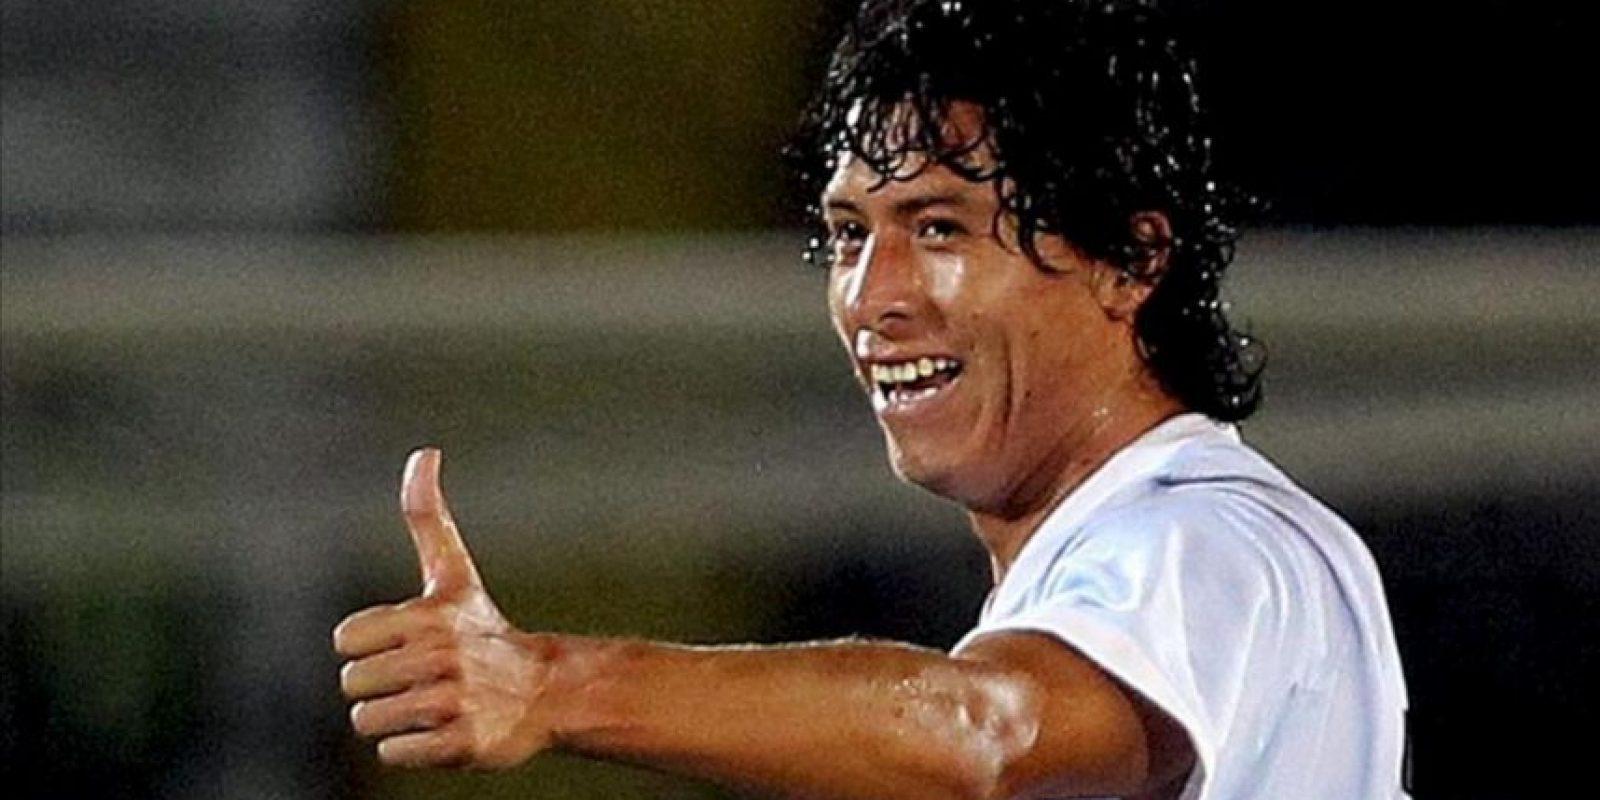 El Yoshiro Salazar del Real Garcilaso de Perú celebra luego de anotar contra el Deportes Tolima durante un partido del Grupo 6 de la Copa Libertadores 2013 en el estadio Manuel Murillo Toro en Ibagué. EFE